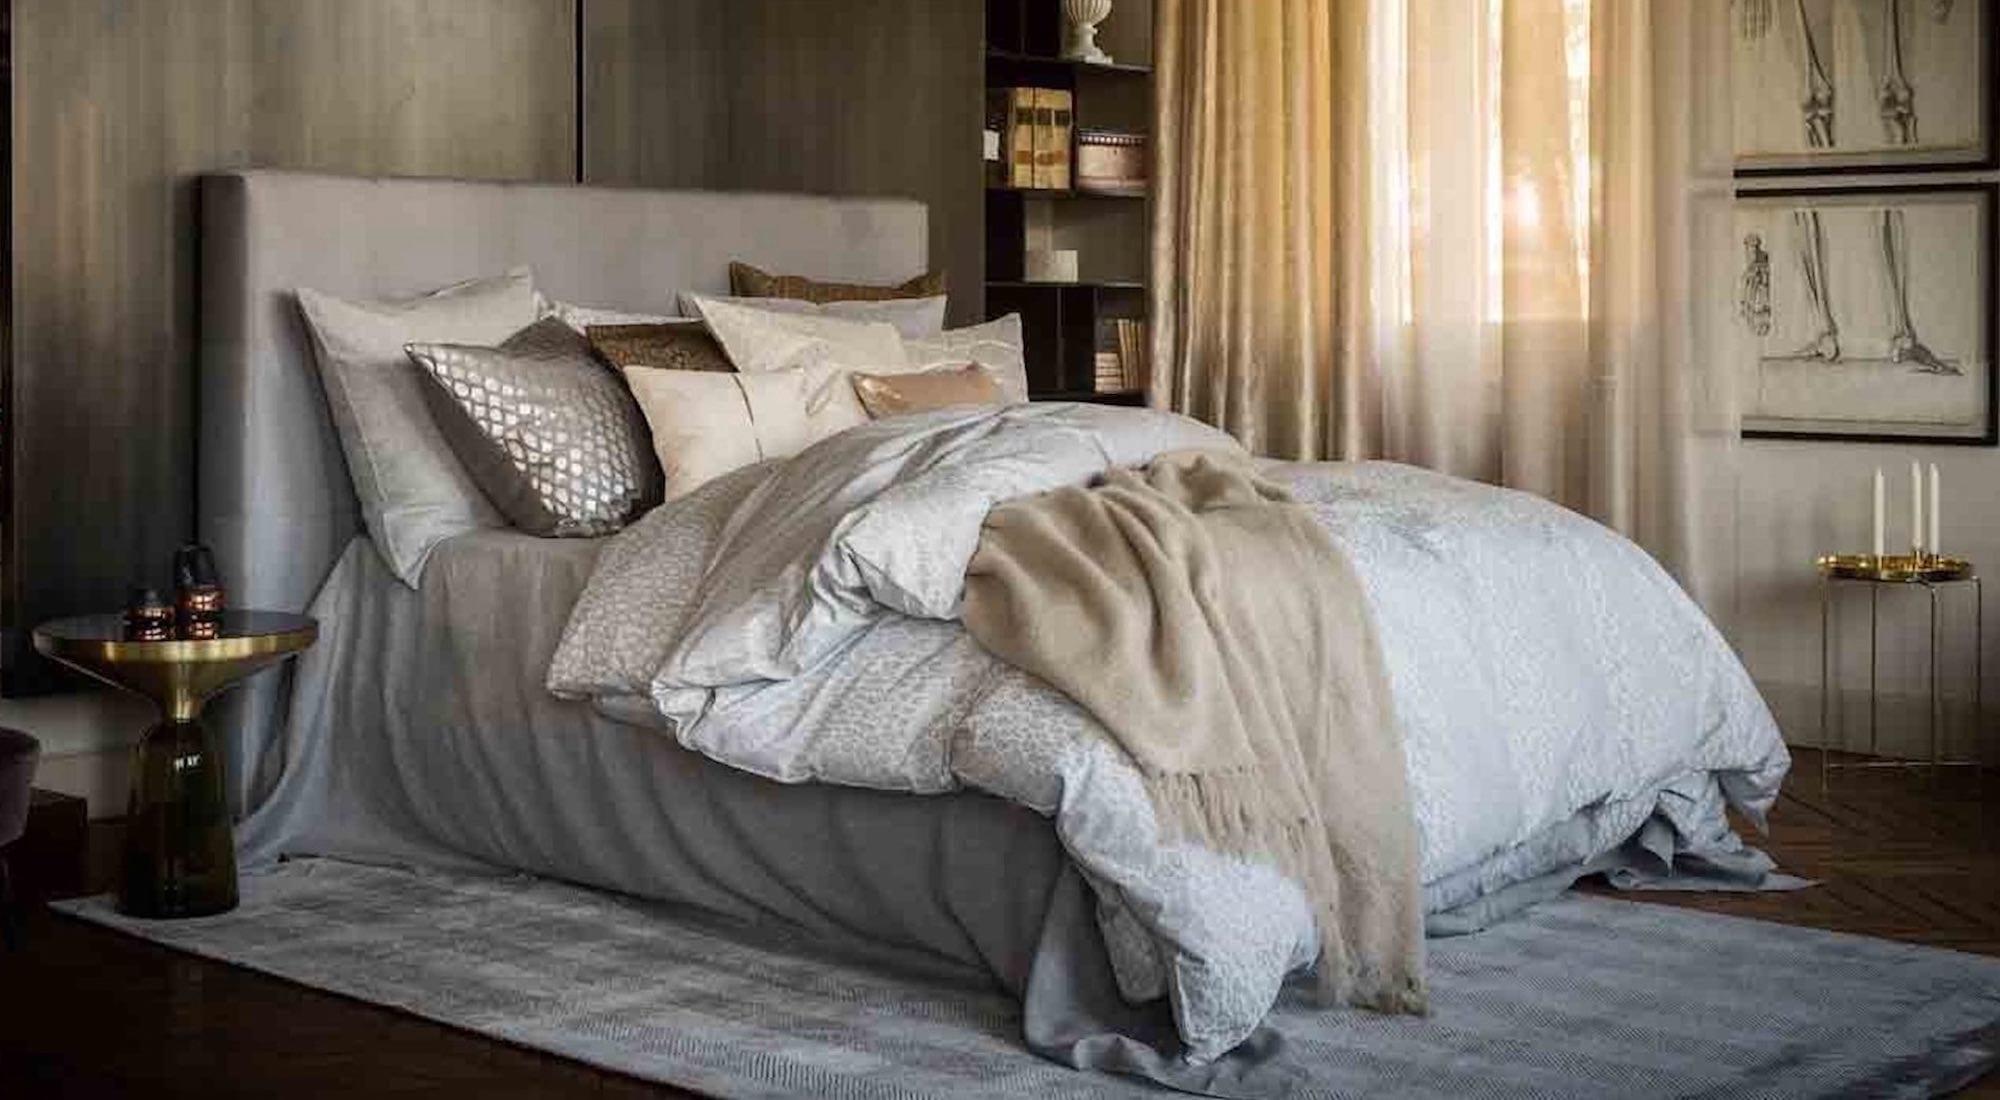 Een showroom model van een stijlvol ingerichte slaapkamer met een bed van de Suite.